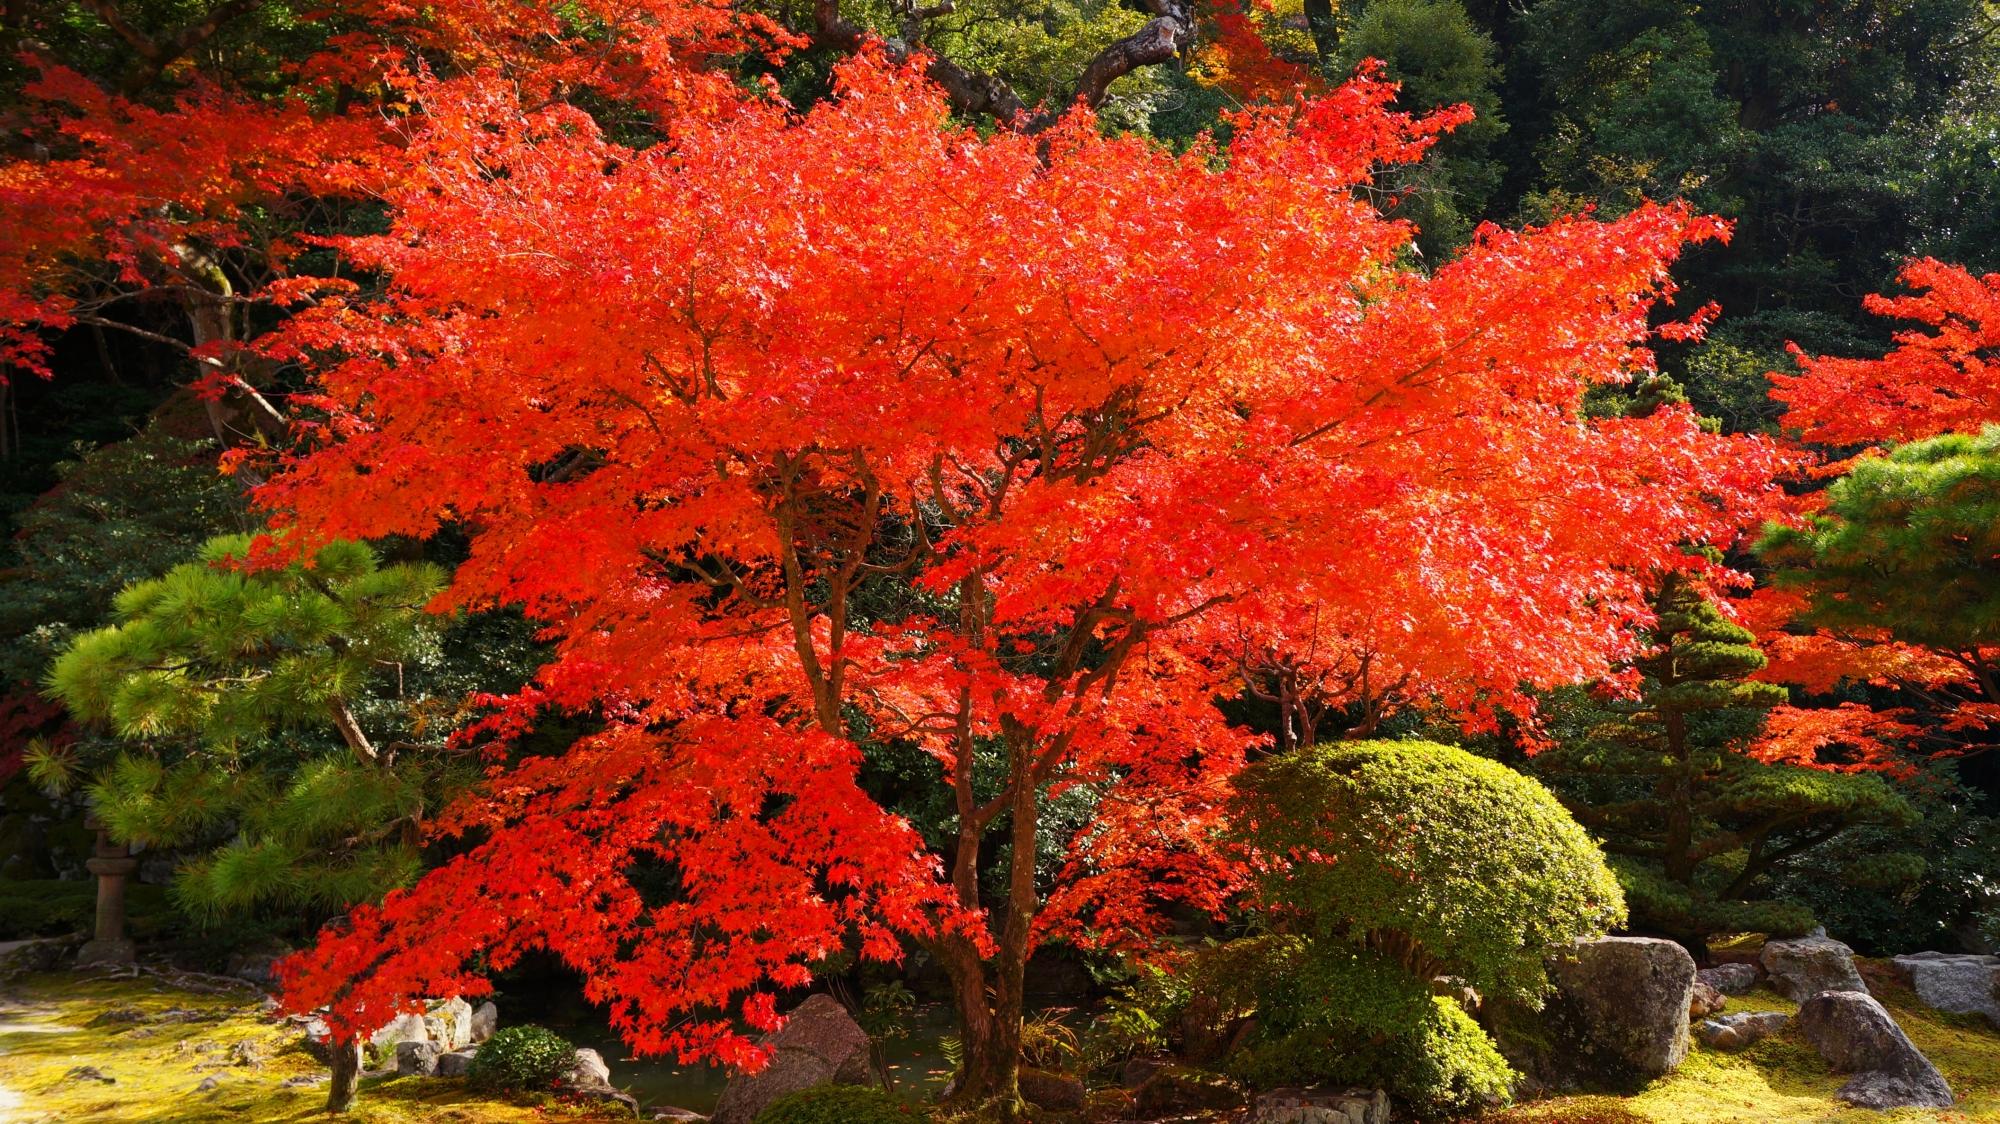 松やサツキの刈り込みなどの緑を覆う圧巻の秋色